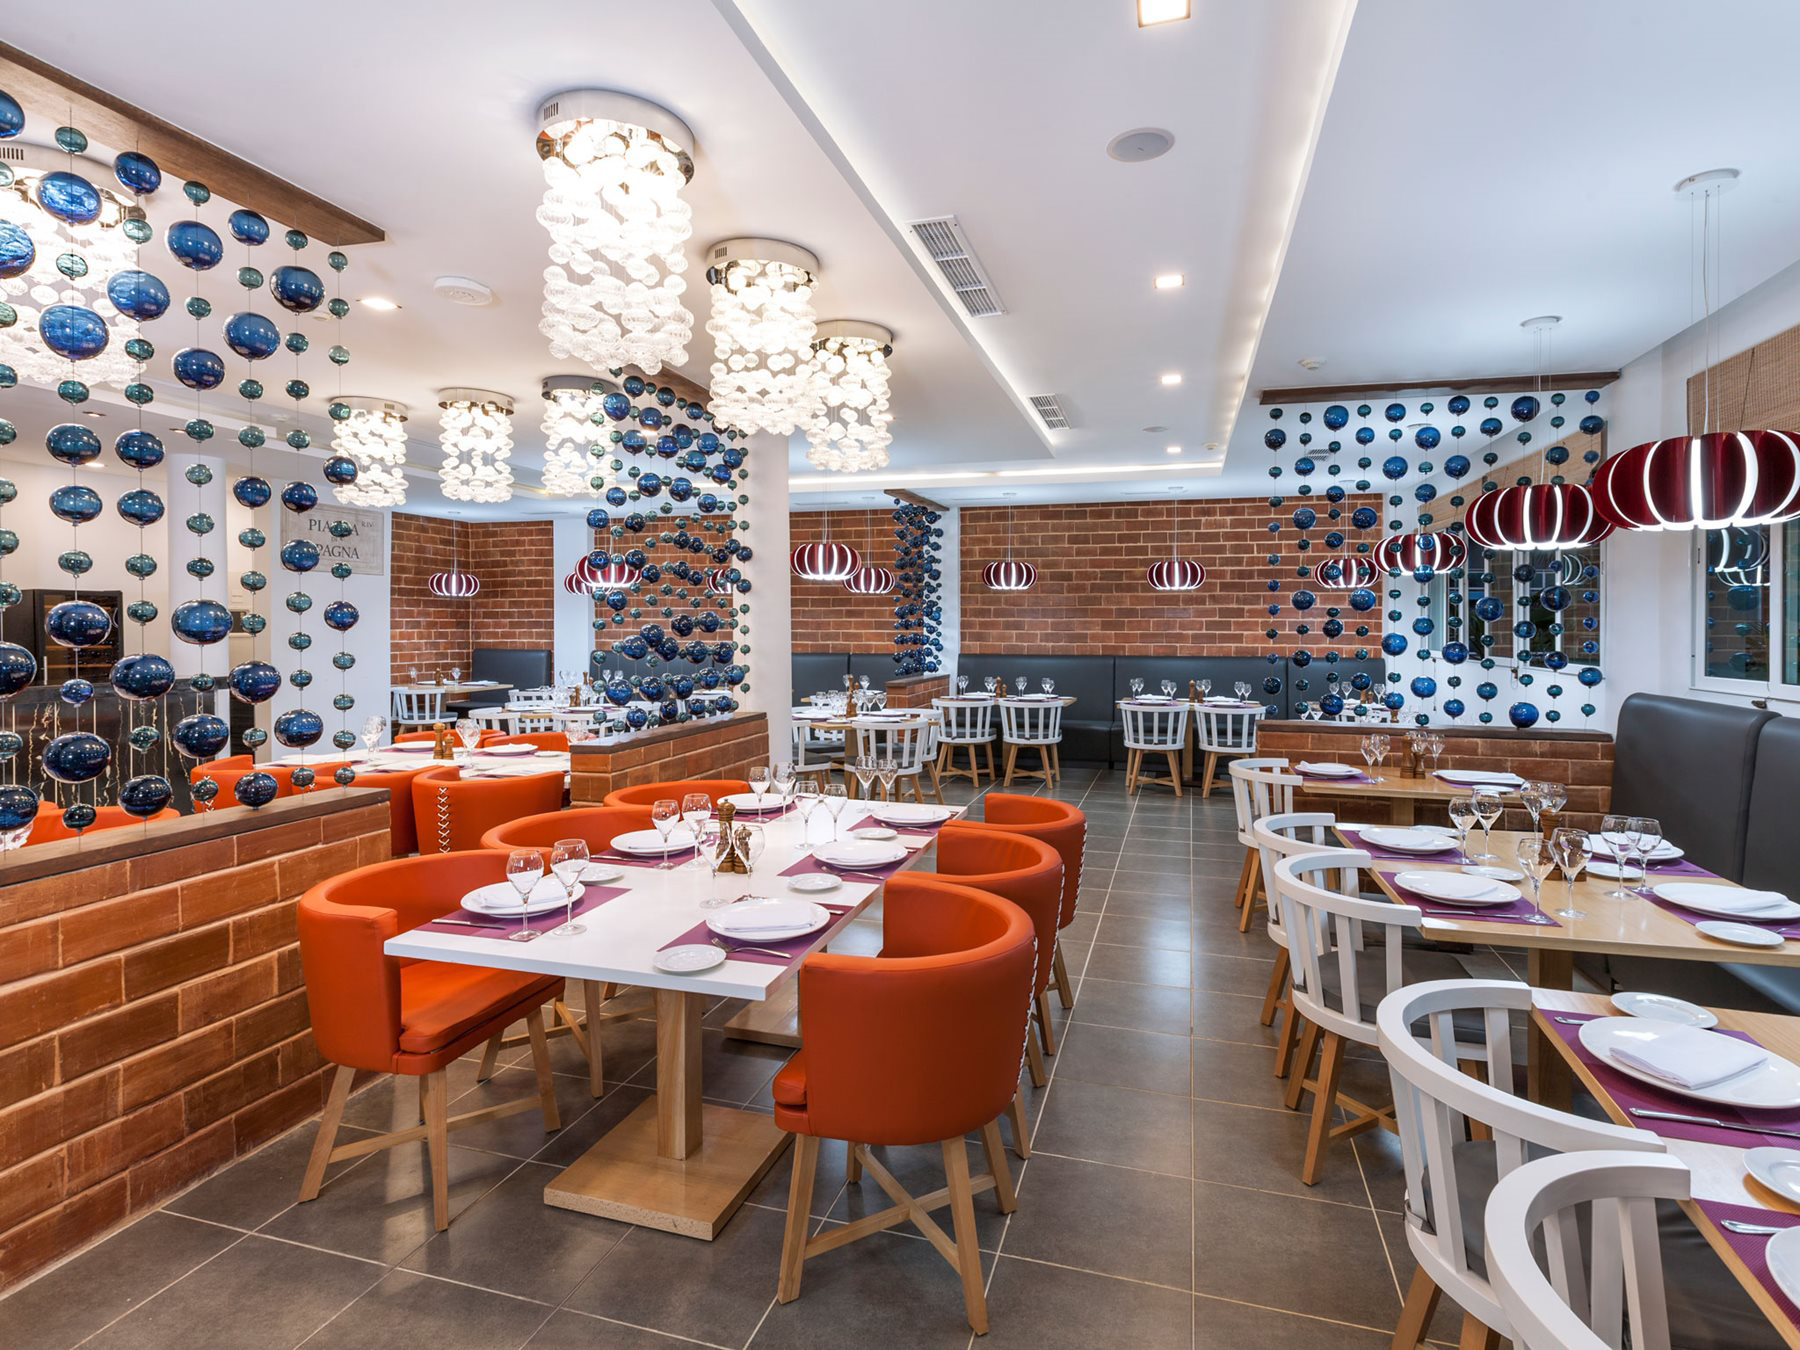 VRA-Sol-Varadero-Beach-Restaurant-Italiano-002